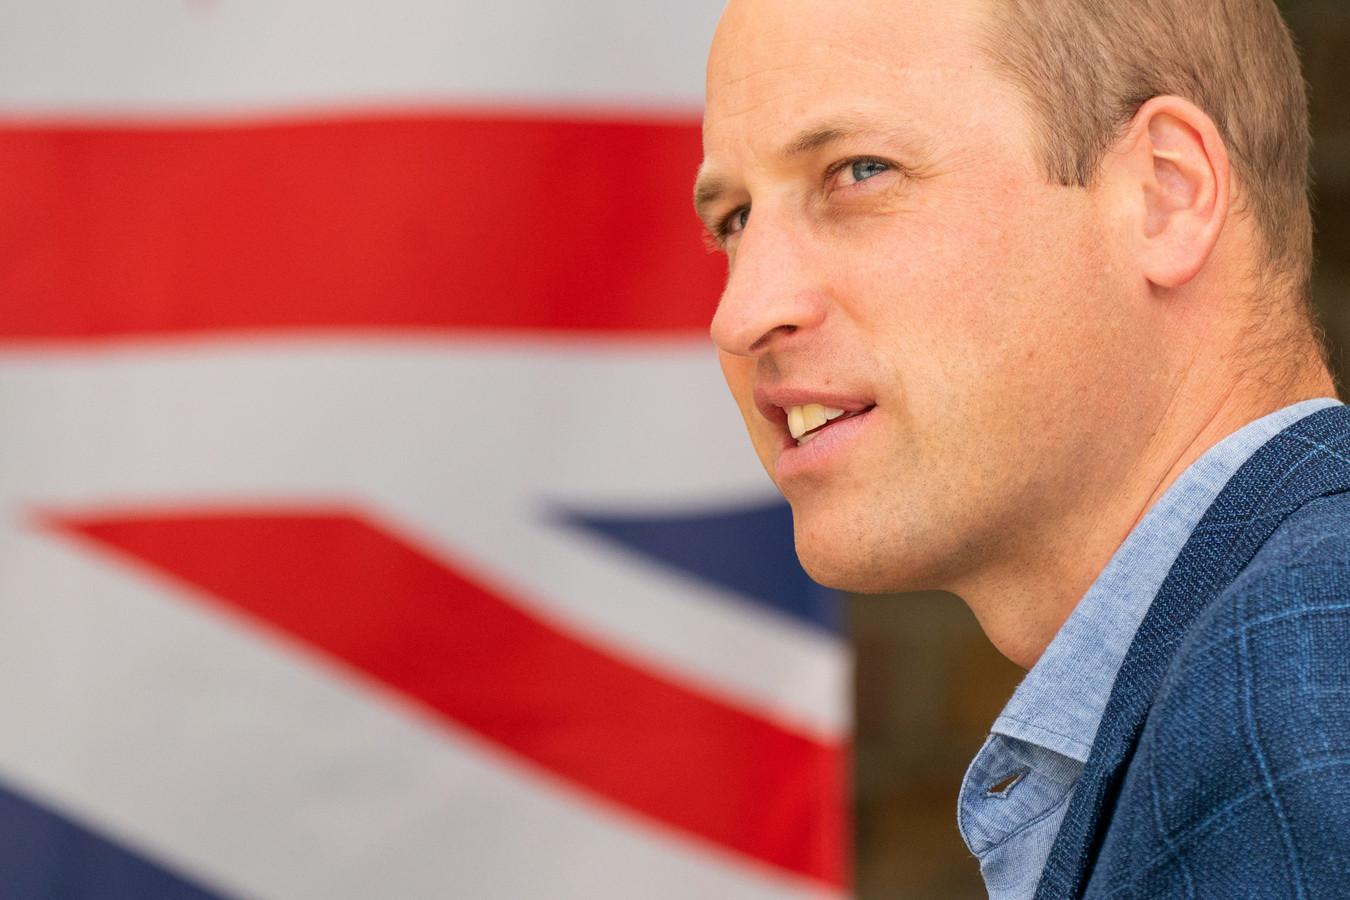 William bereidt zich voor op het koningschap.